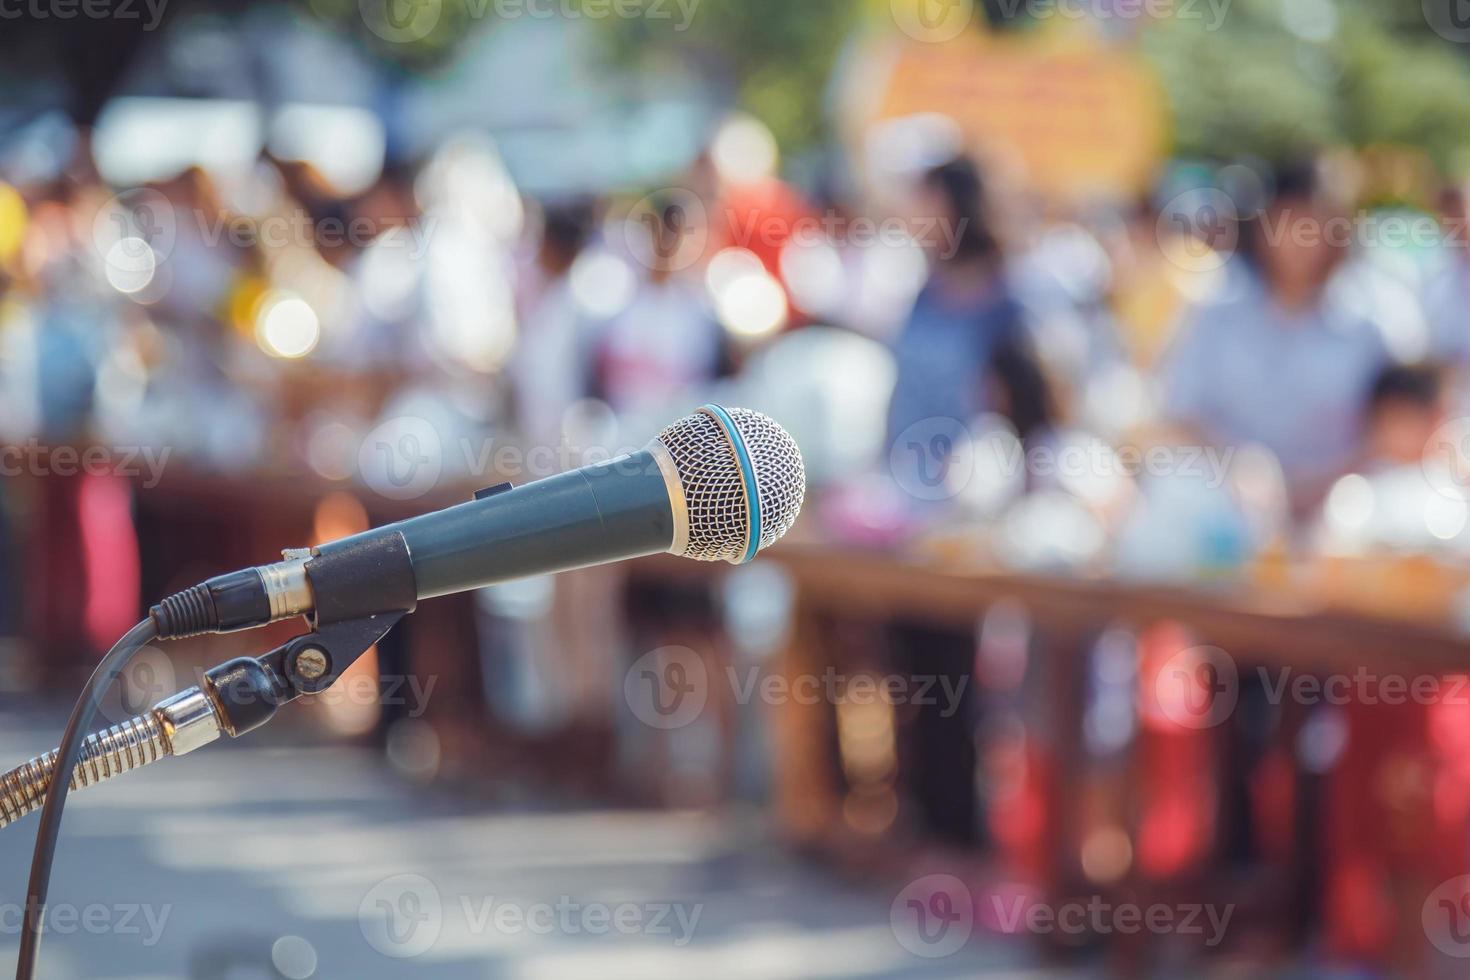 microfoon op school foto